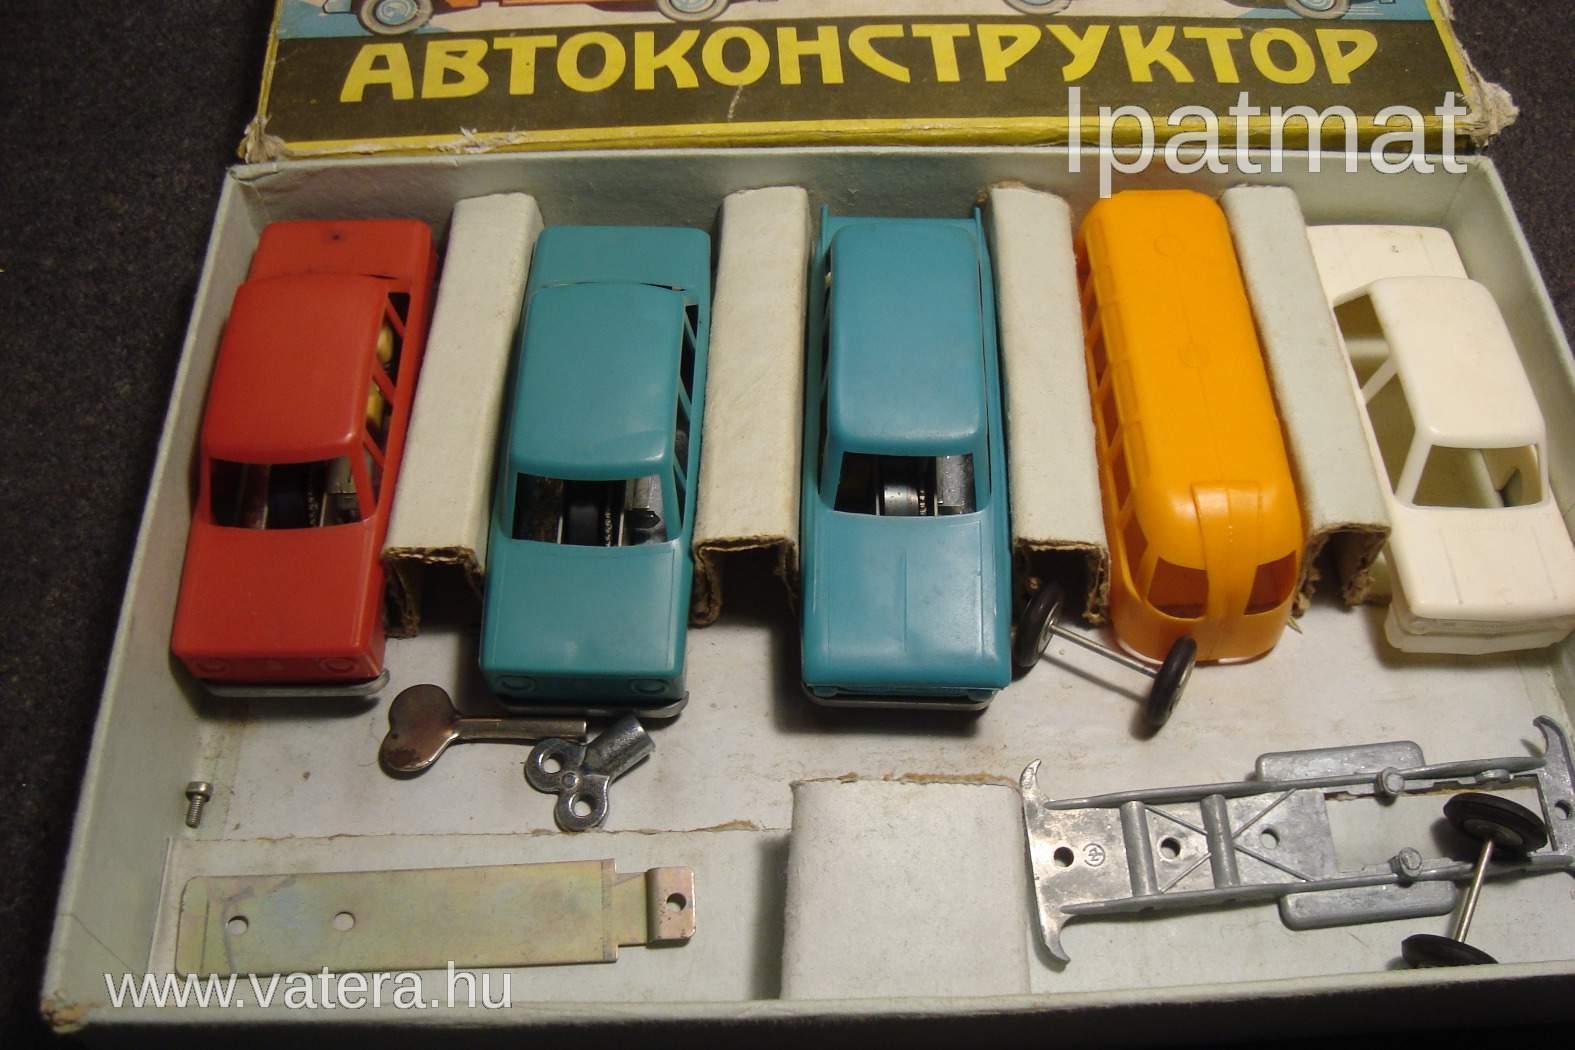 ritka-retro-kisauto-osszeszerelo-keszelt-1975-bol-649a_1_big.jpg